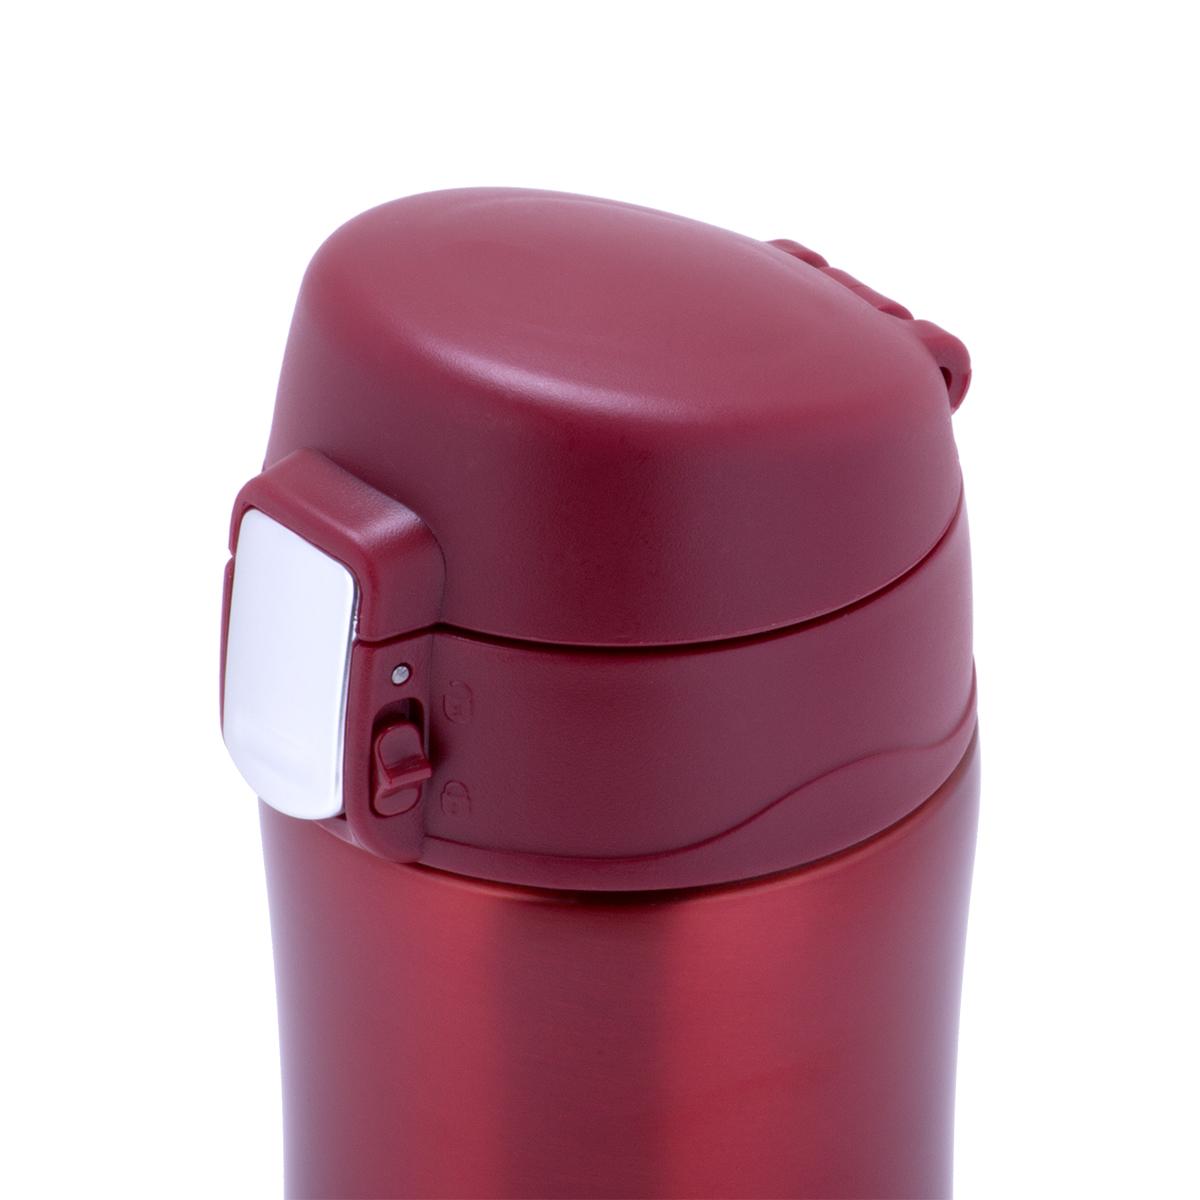 Термос-кружка Kamille 450 мл. из нержавеющей стали, красный